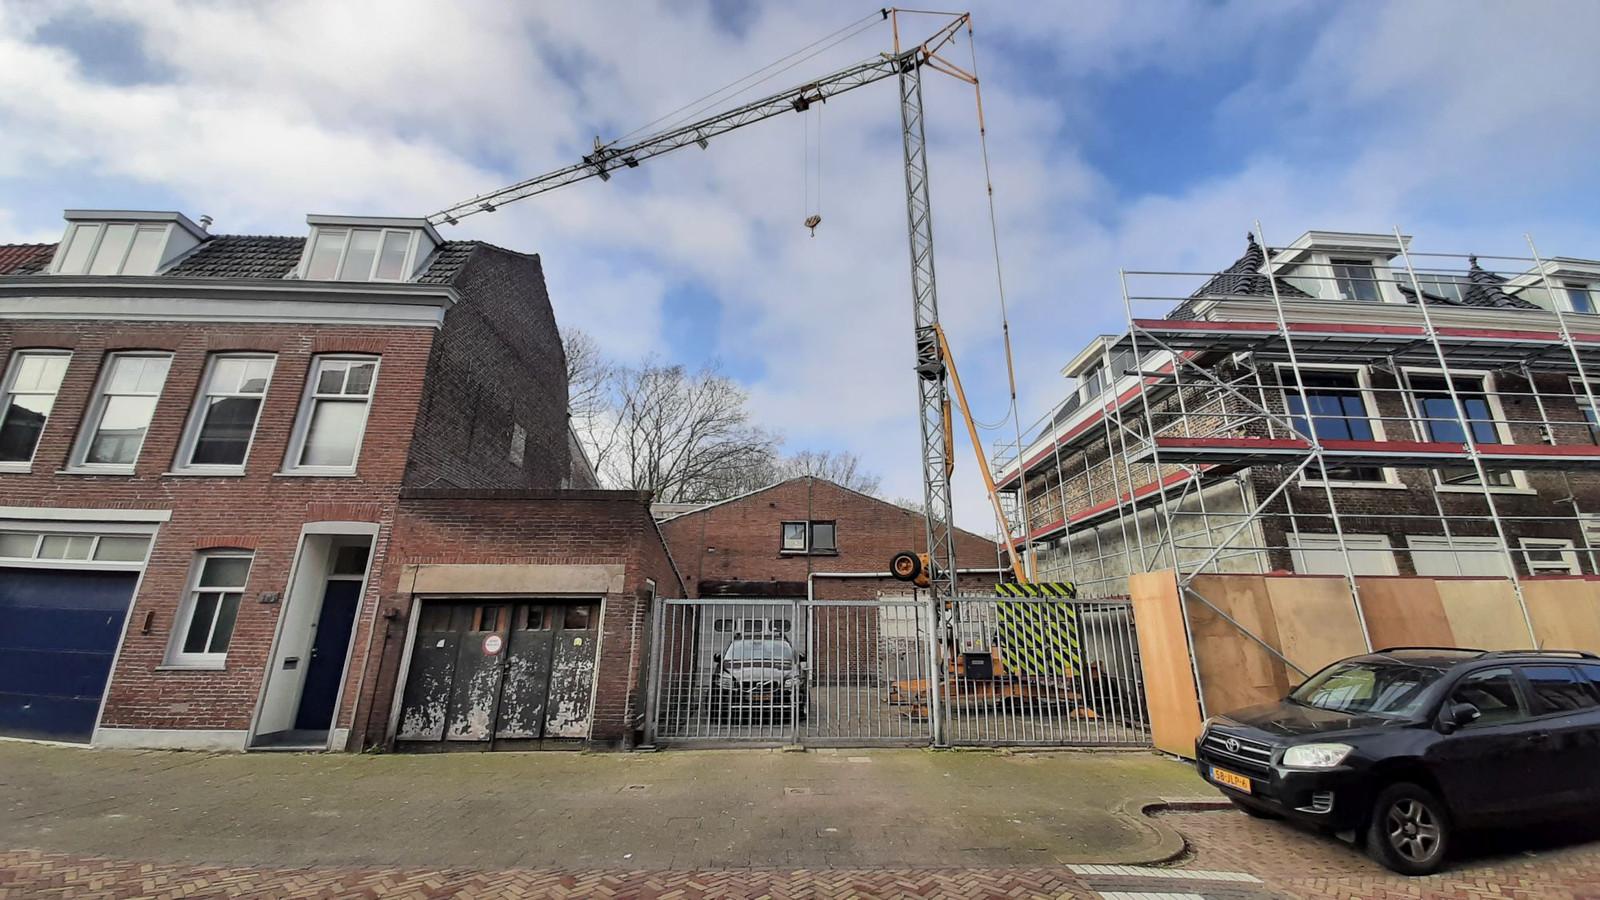 De oude loods aan het Kromhout die deels gesloopt en weer opgebouwd wordt, waarna er twee appartementen op de verdieping komen. De woningen rechts ernaast worden momenteel gerestaureerd.